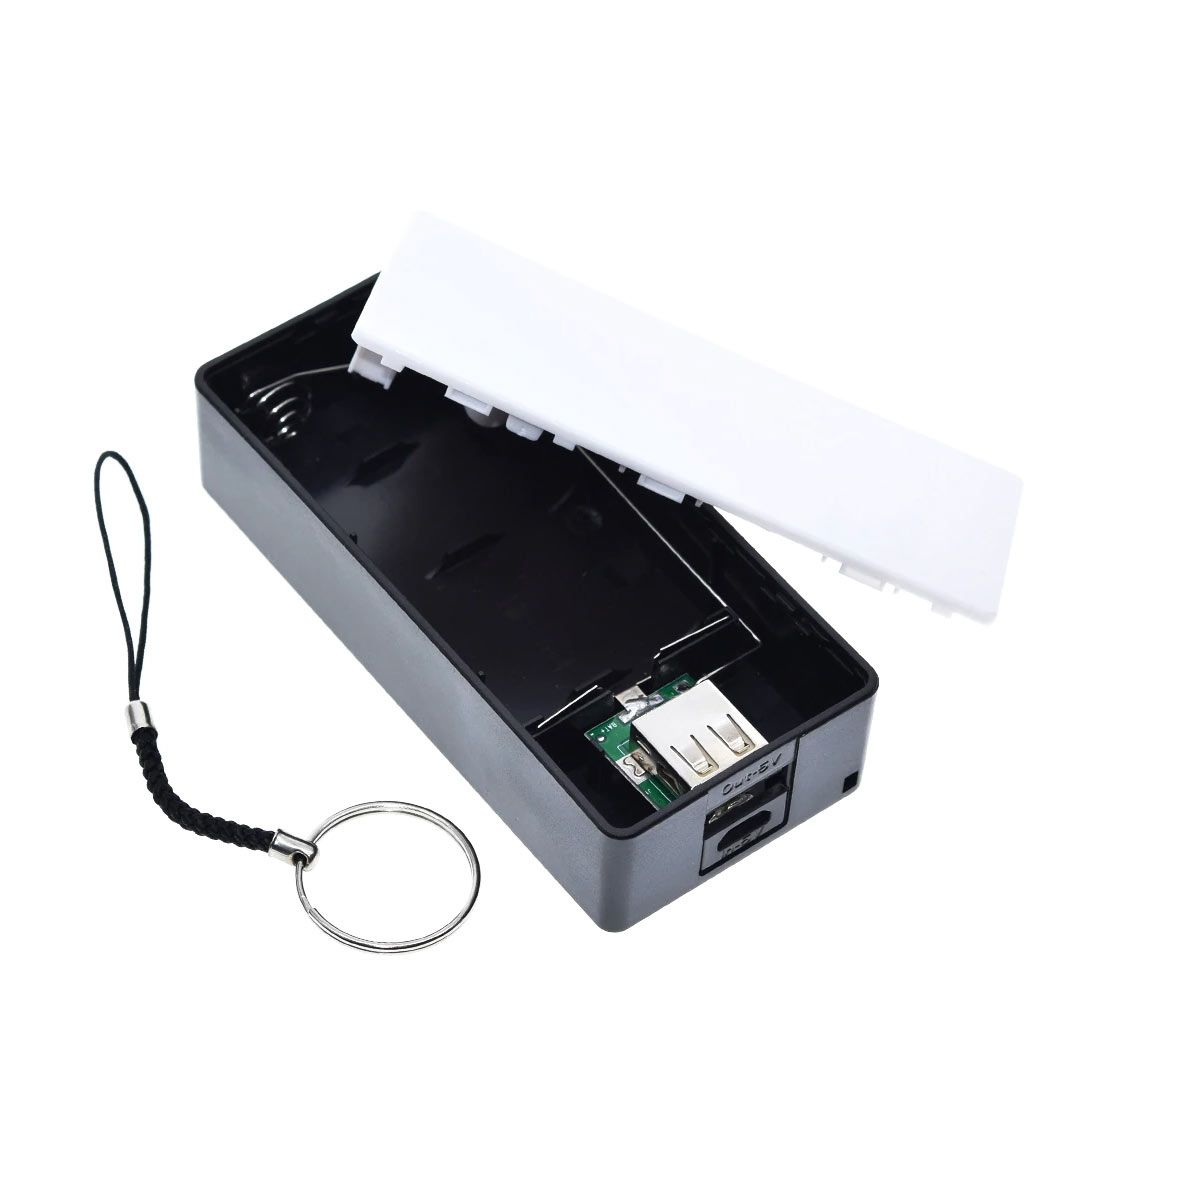 Case Power Bank USB para 2 Baterias 18650 - Não Acompanha Baterias